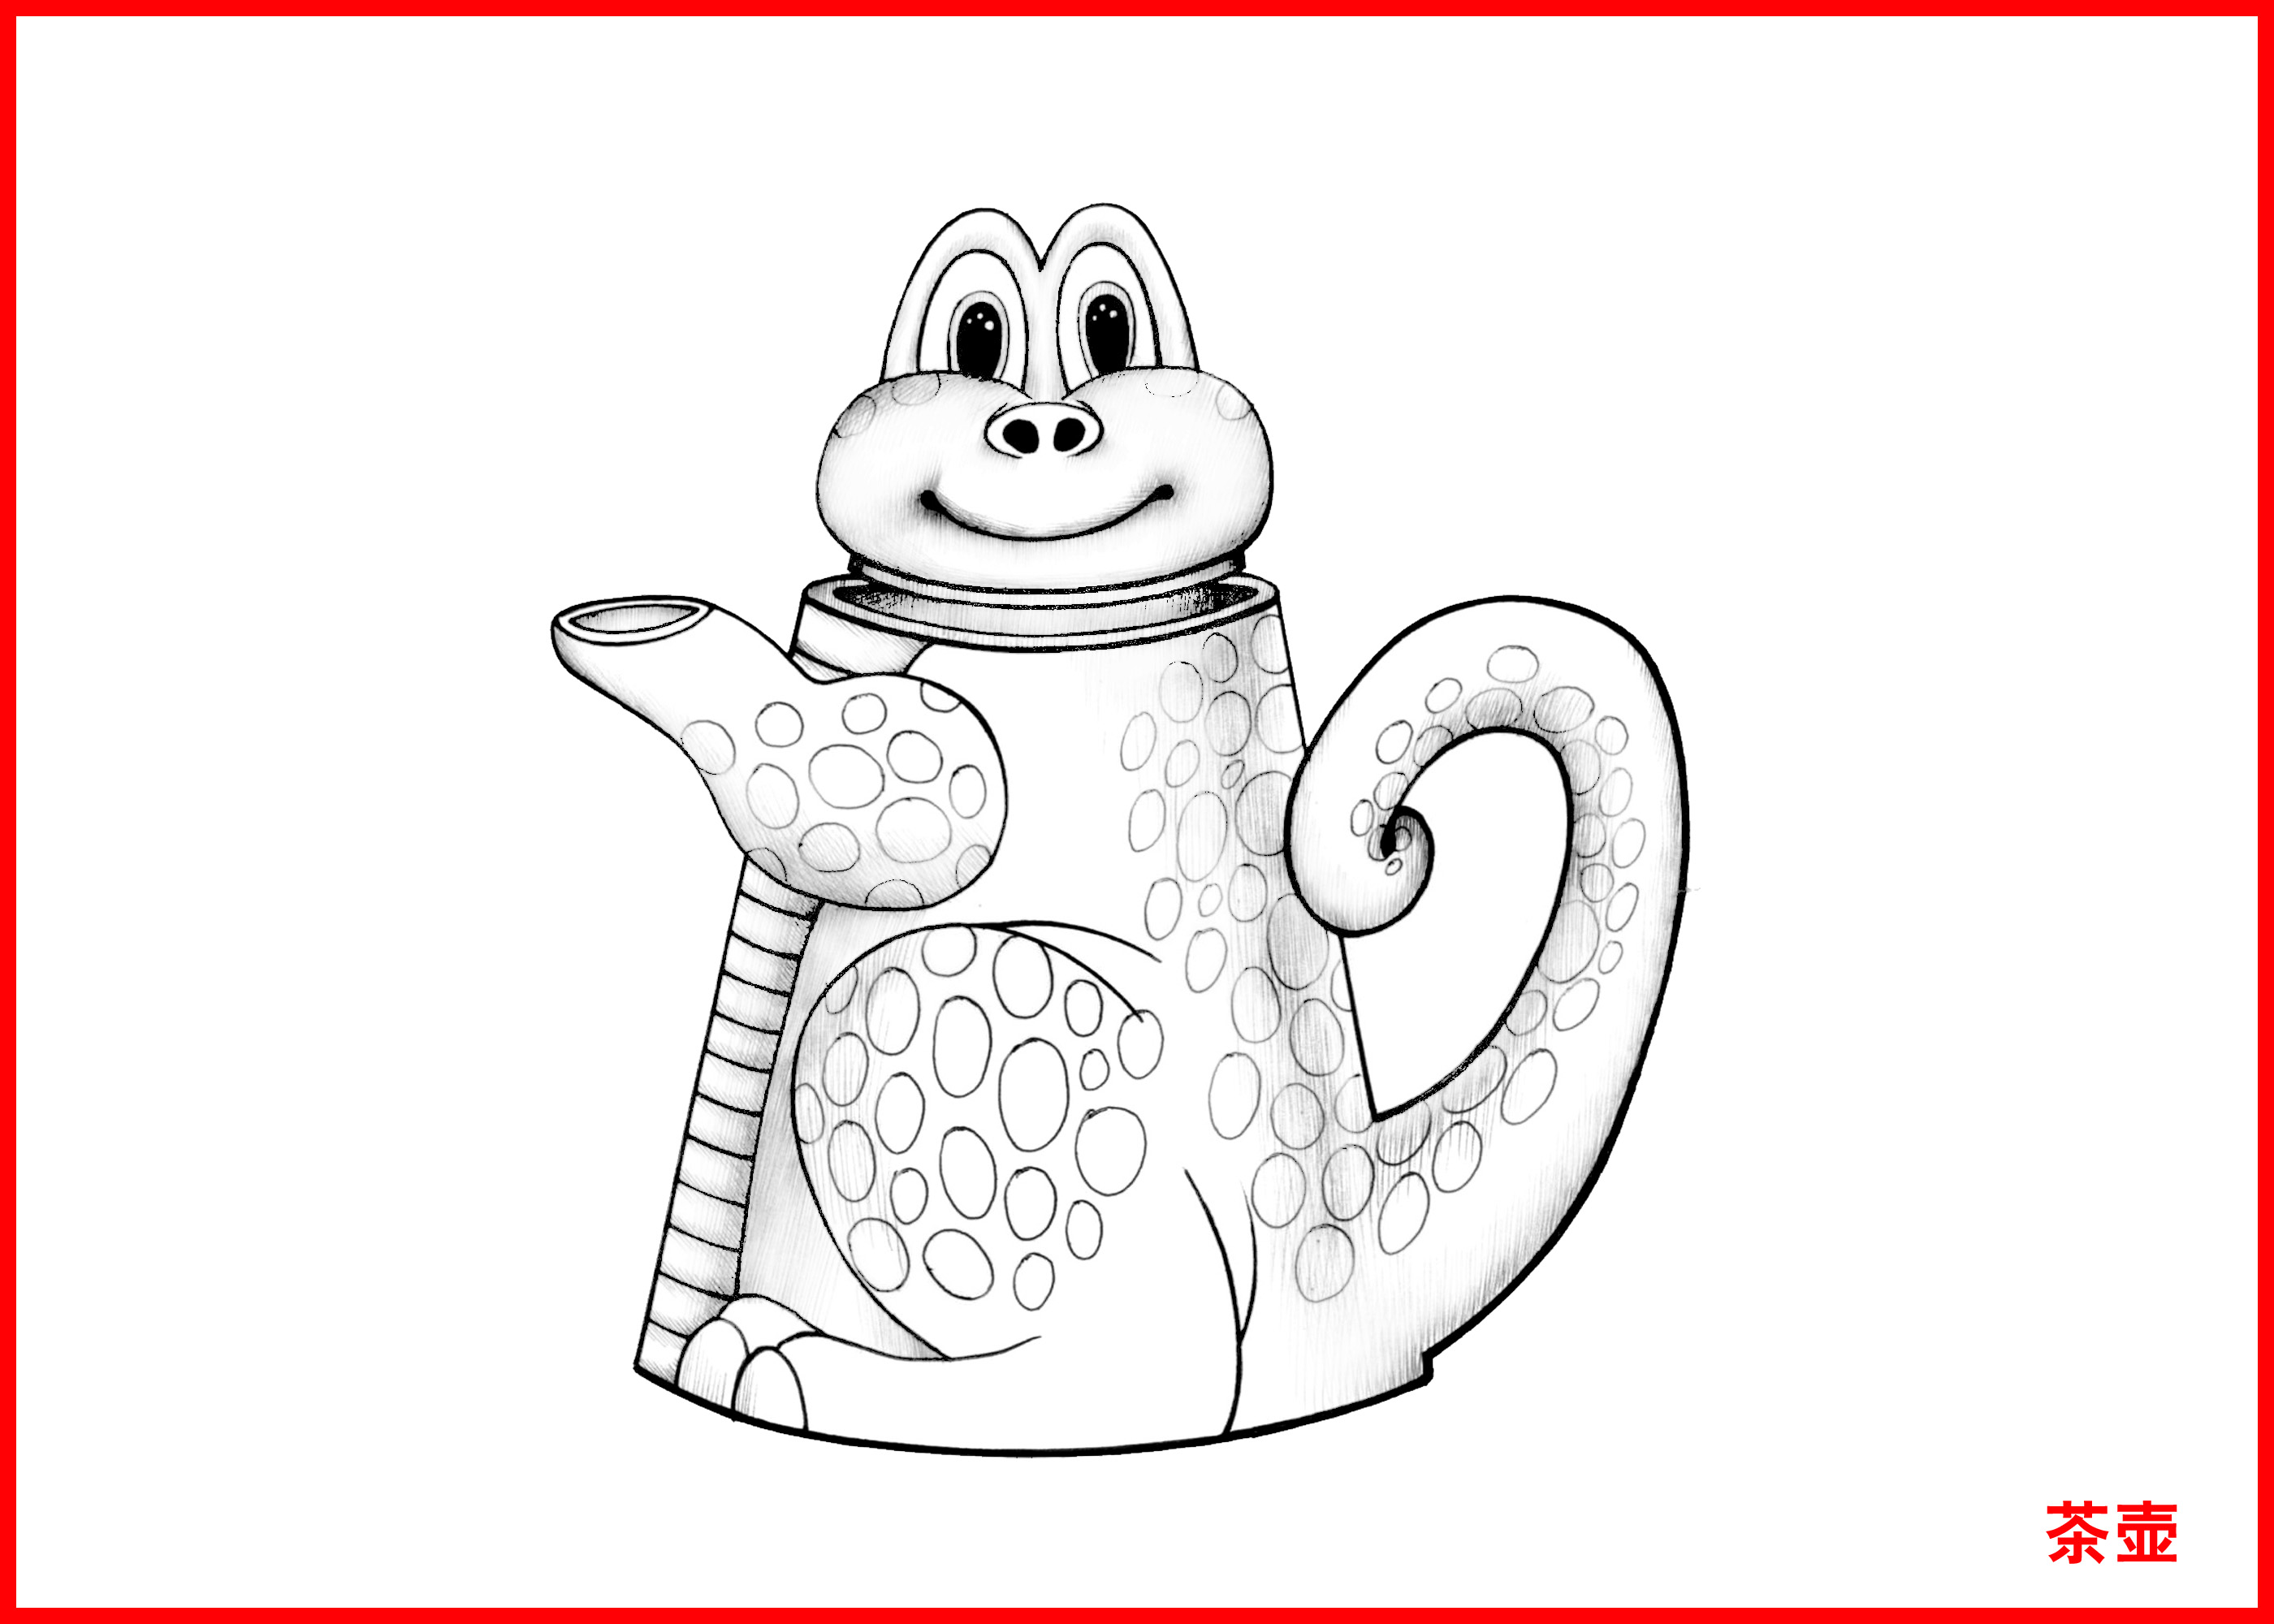 恐龍形象系列禮品設計方案(1)---茶壺